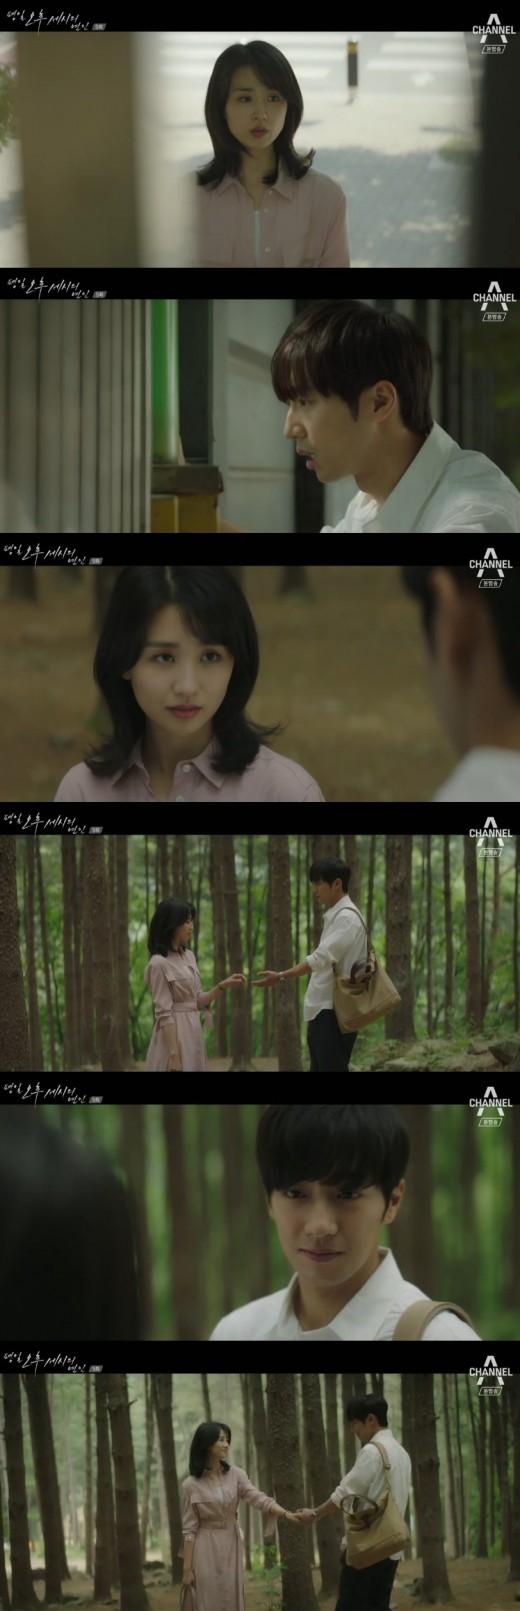 '오세연' 박하선, 이상엽 손잡았다... 돌아올 수 없는 길 선택